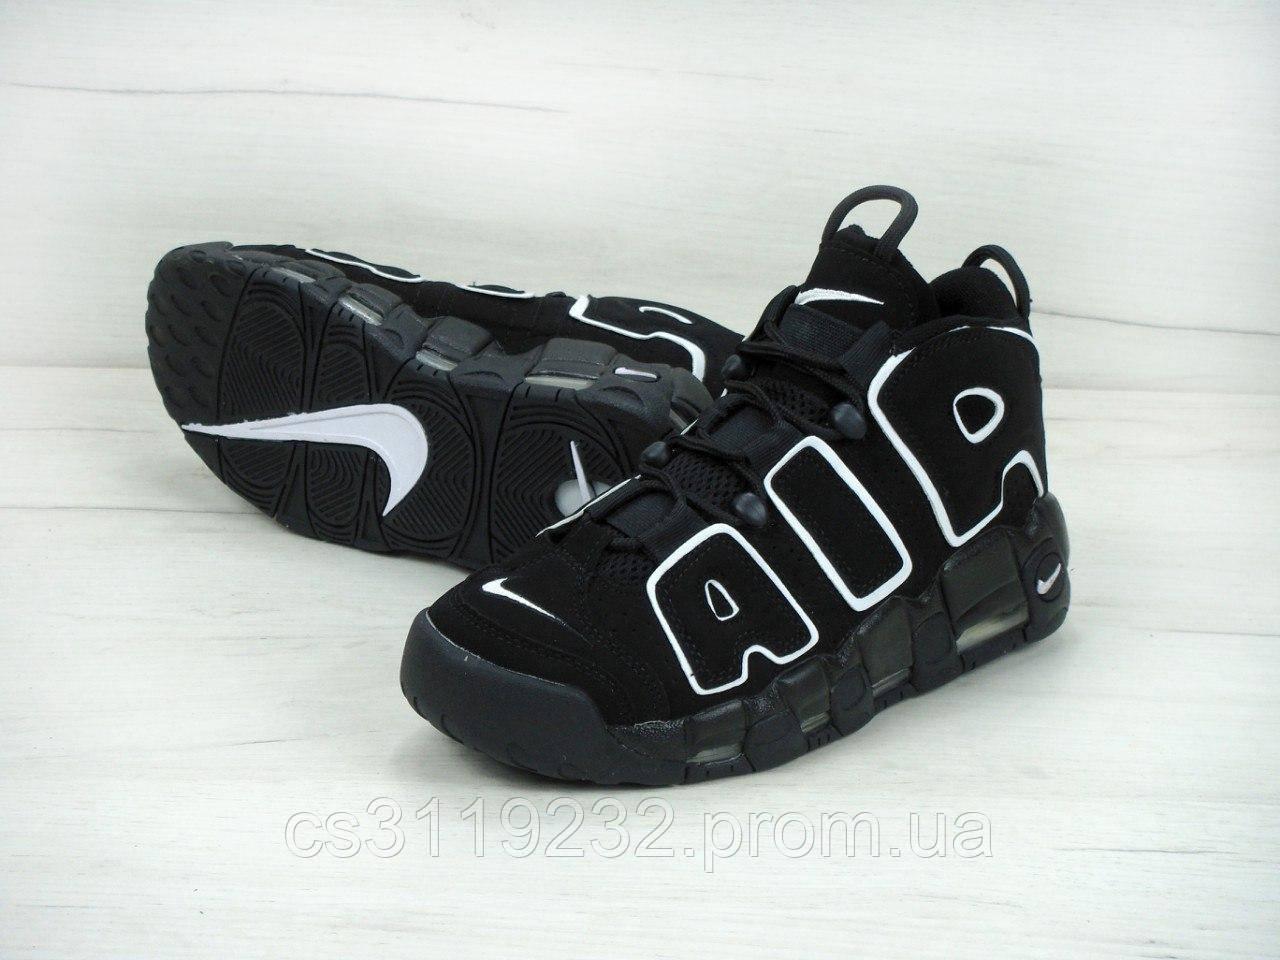 Чоловічі кросівки Nike Air More Uptempo Black (чорні)